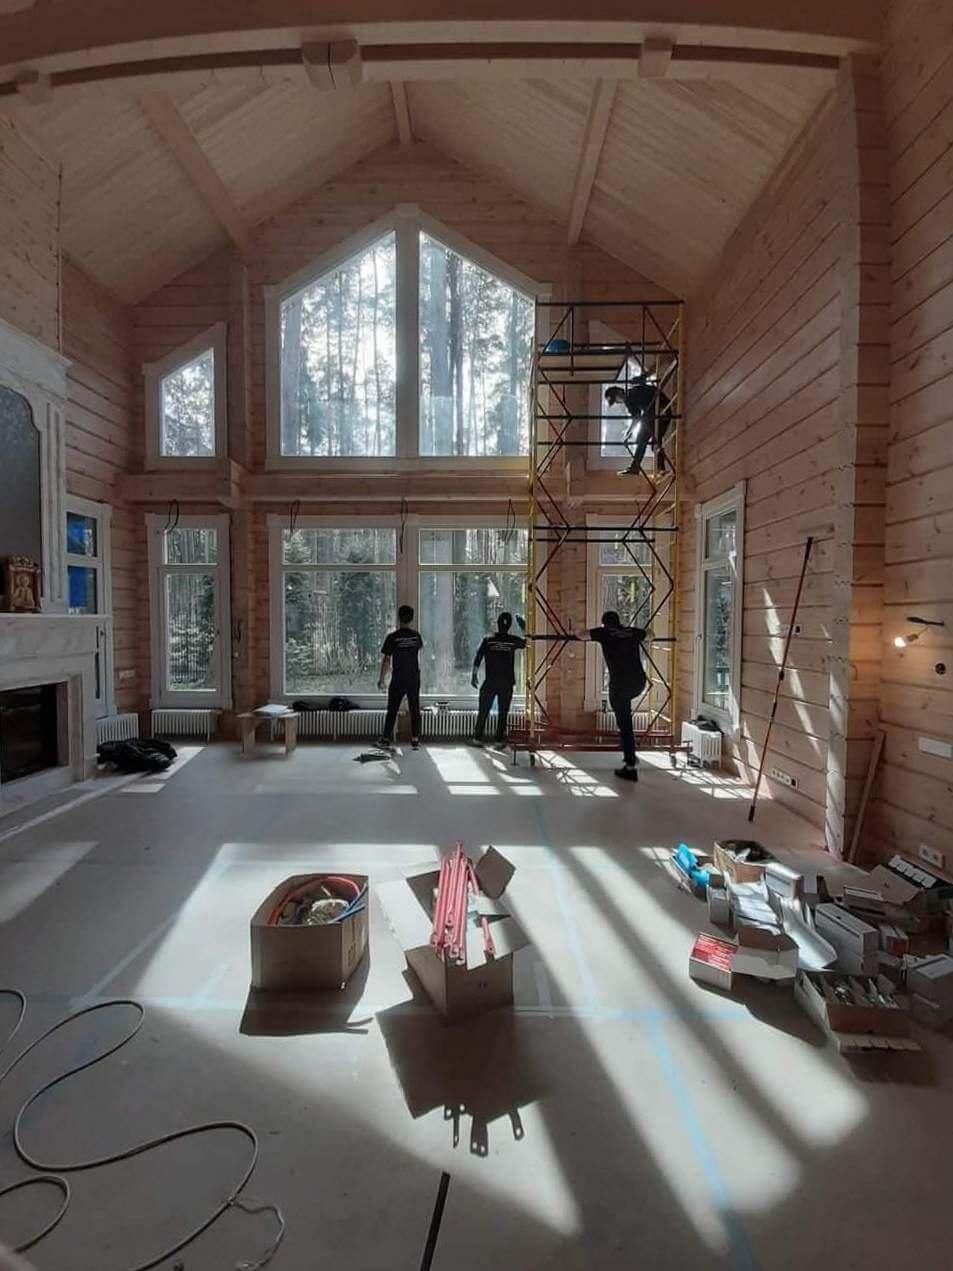 Четыре человека моют окна в высоком холле